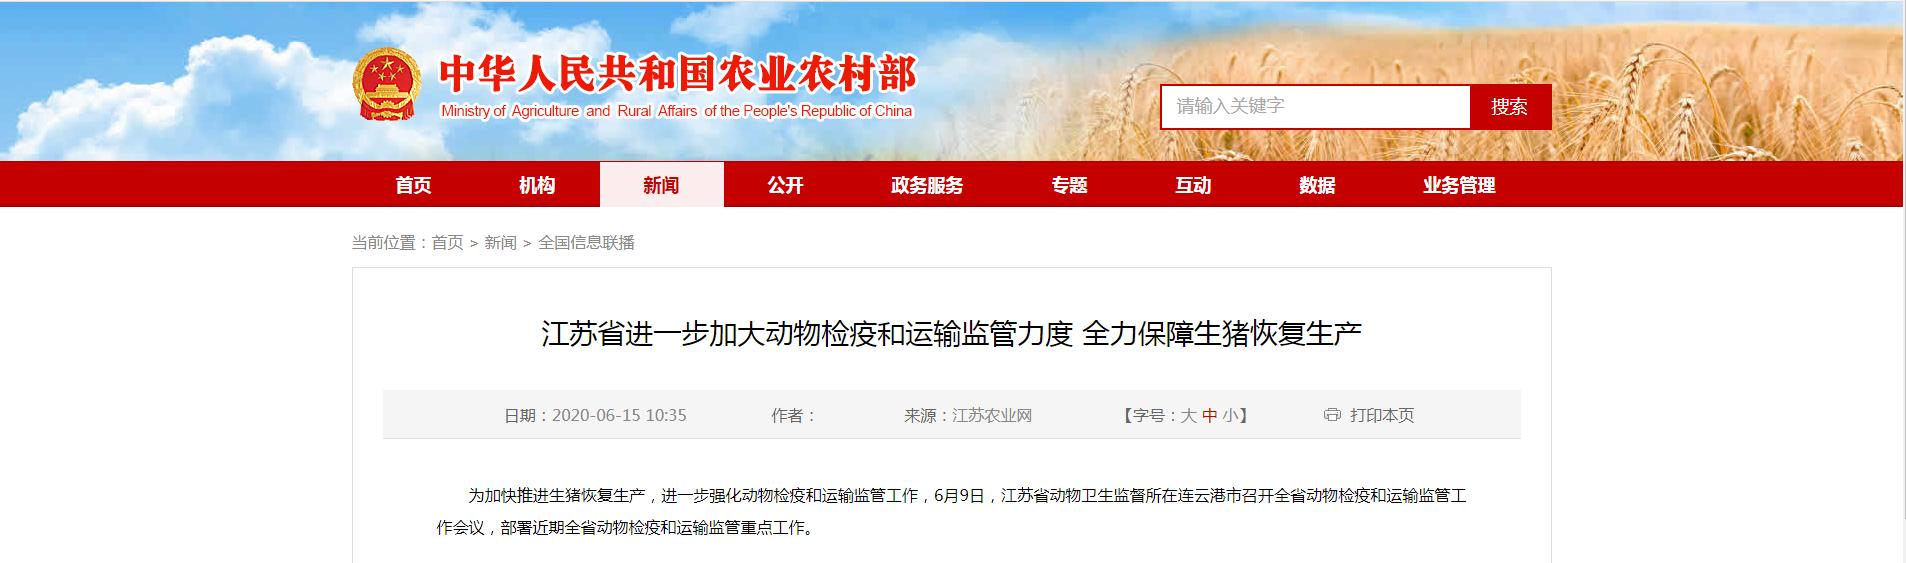 江苏省进一步加大动物检疫和运输监管力度 全力保障生猪恢复生产